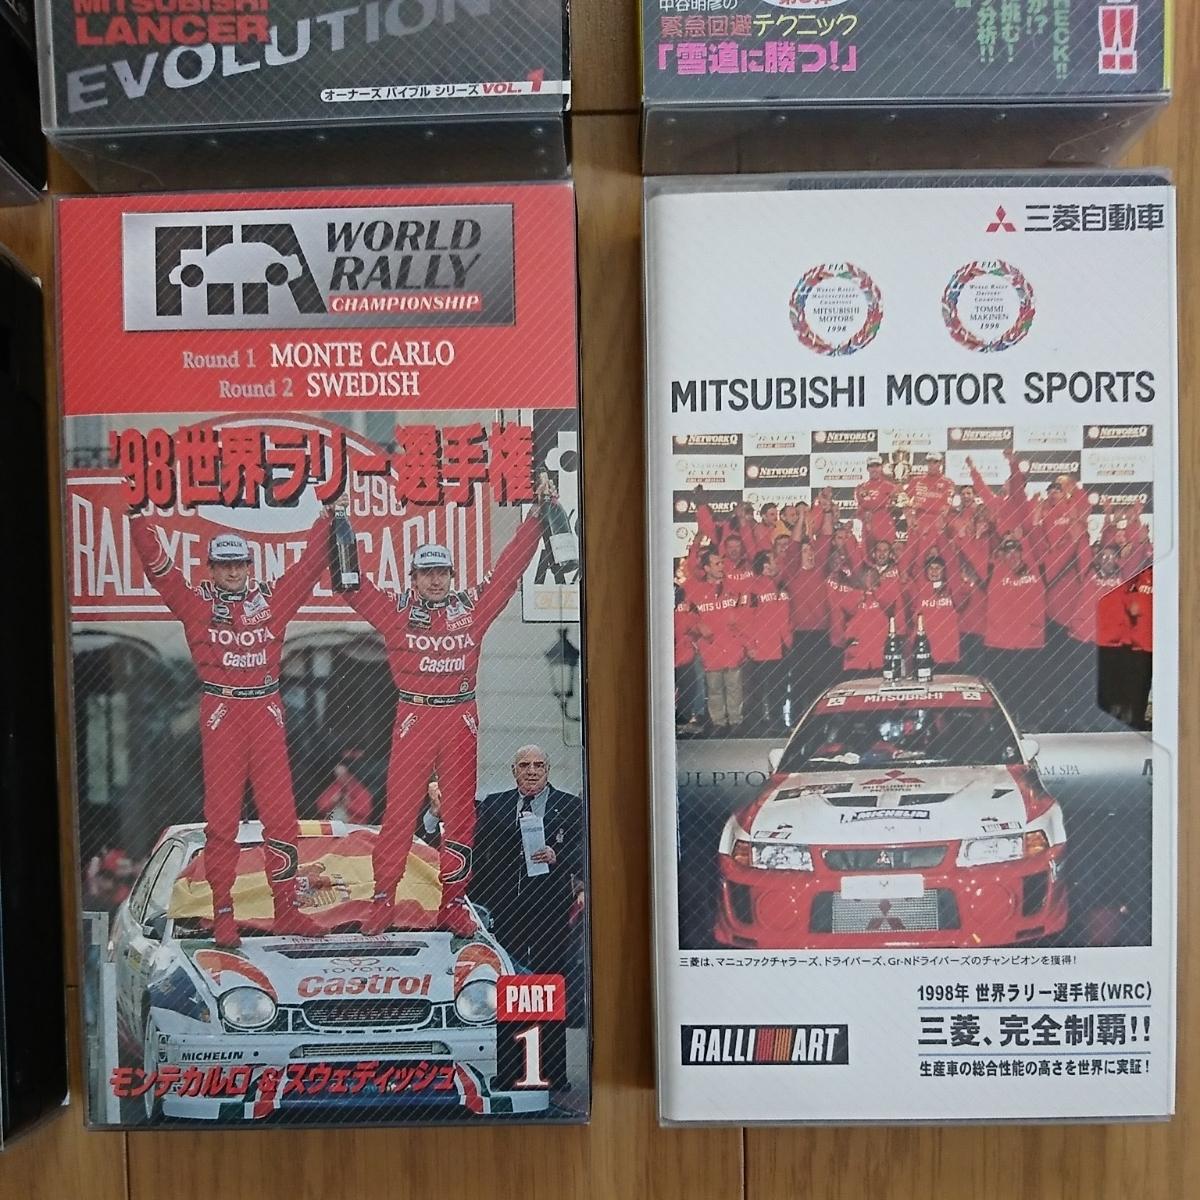 激レア!三菱 ランサーエボリューション・WRC・ラリー 関連のVHSビデオテープ8本セット_画像5